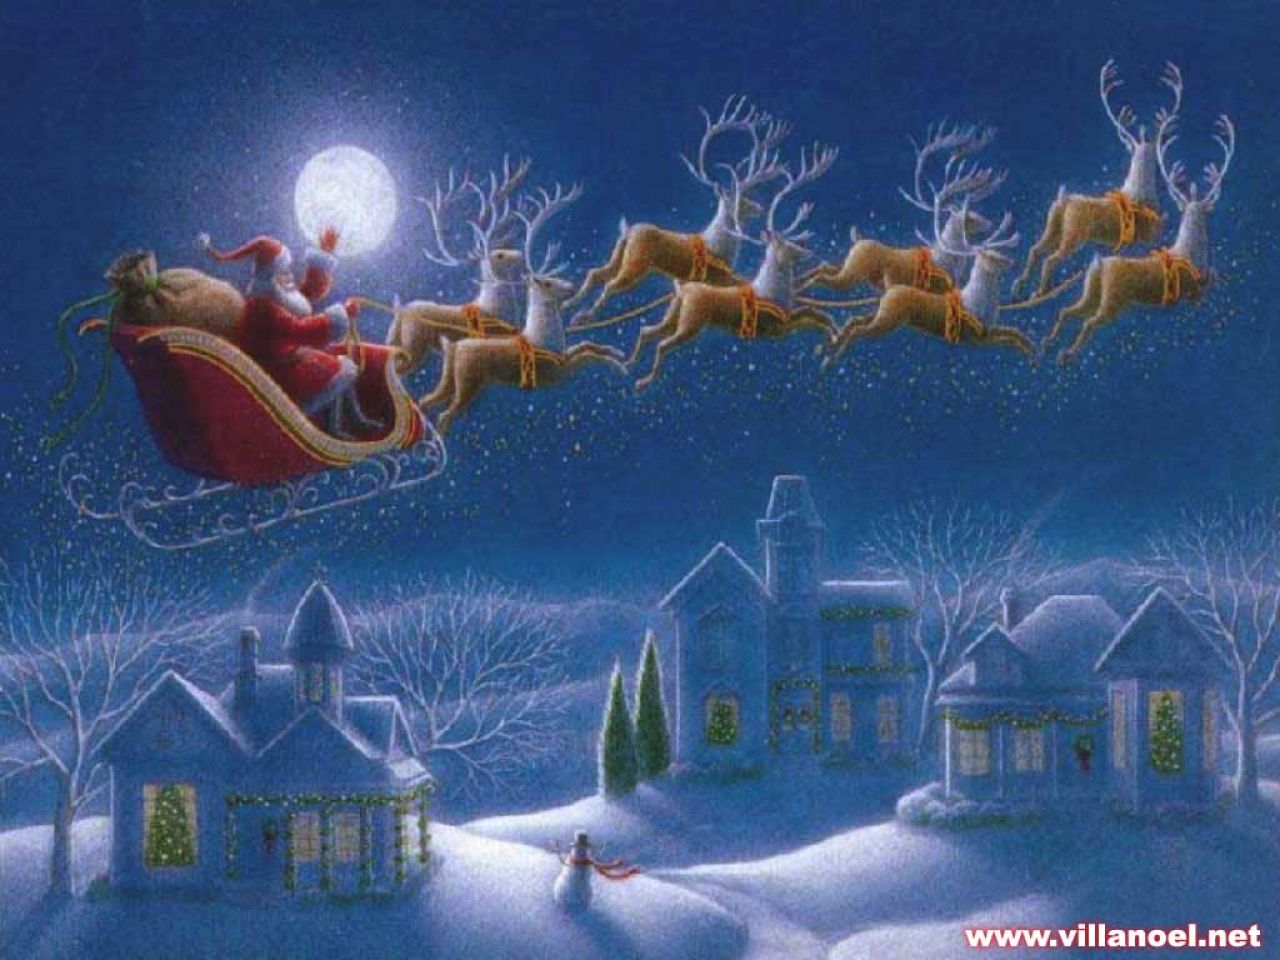 Saray camero inform tica 4 e s o dise o de tarjeta de - Paisaje nevado navidad ...